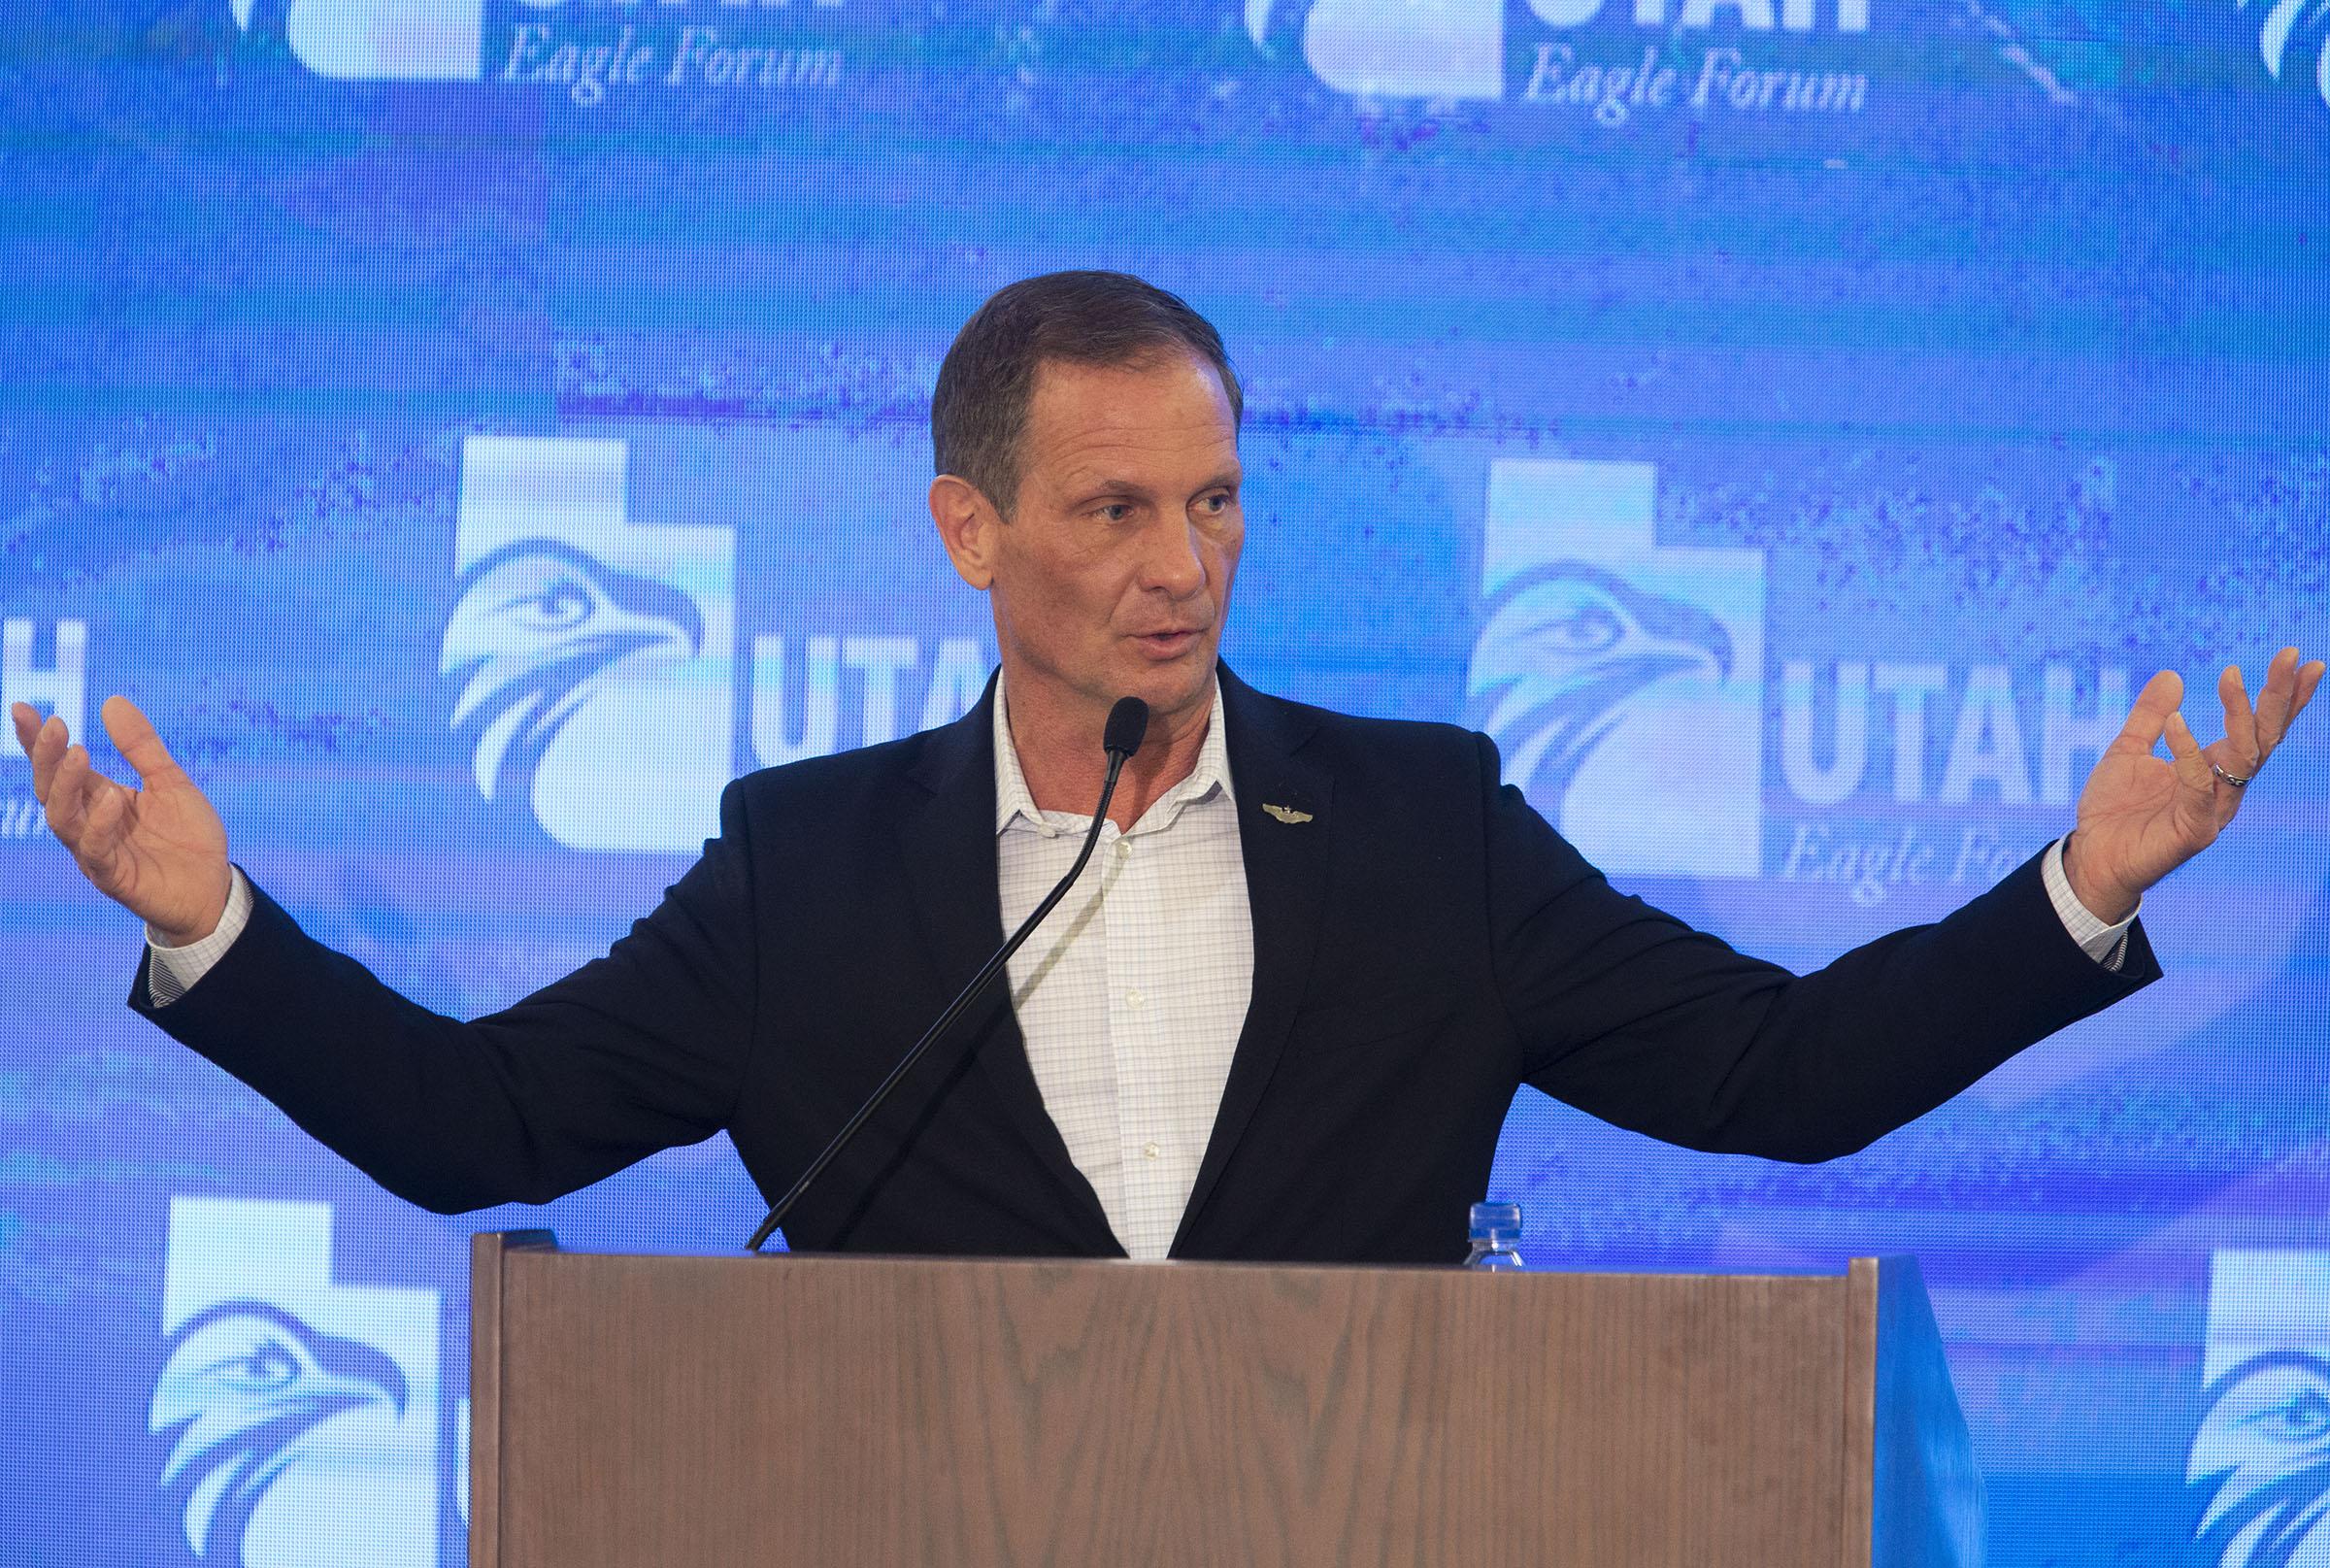 Rep. Chris Stewart, R-Utah, speaks during the annual Utah Eagle Forum convention in Sandy on Saturday, Jan. 11, 2020.